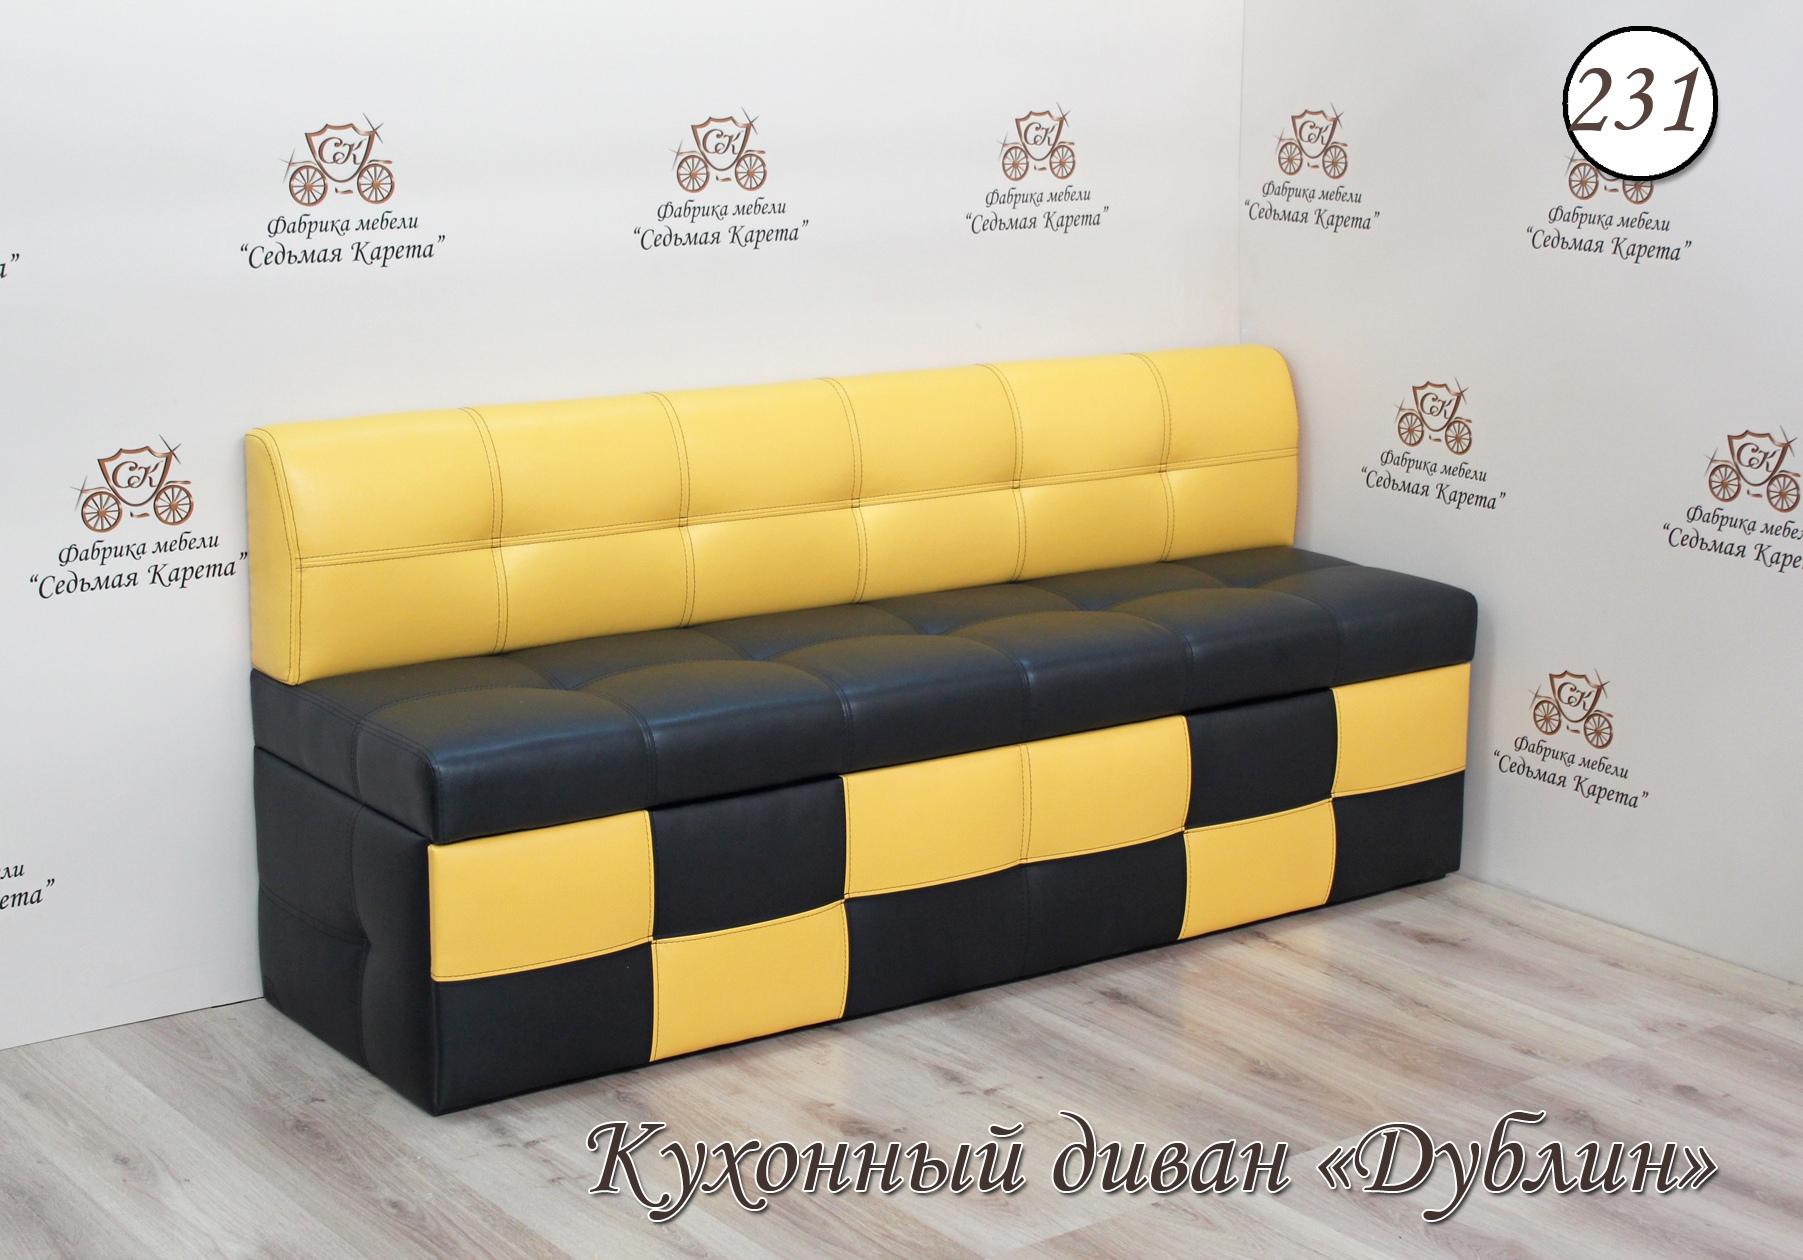 Кухонный диван Дублин-215